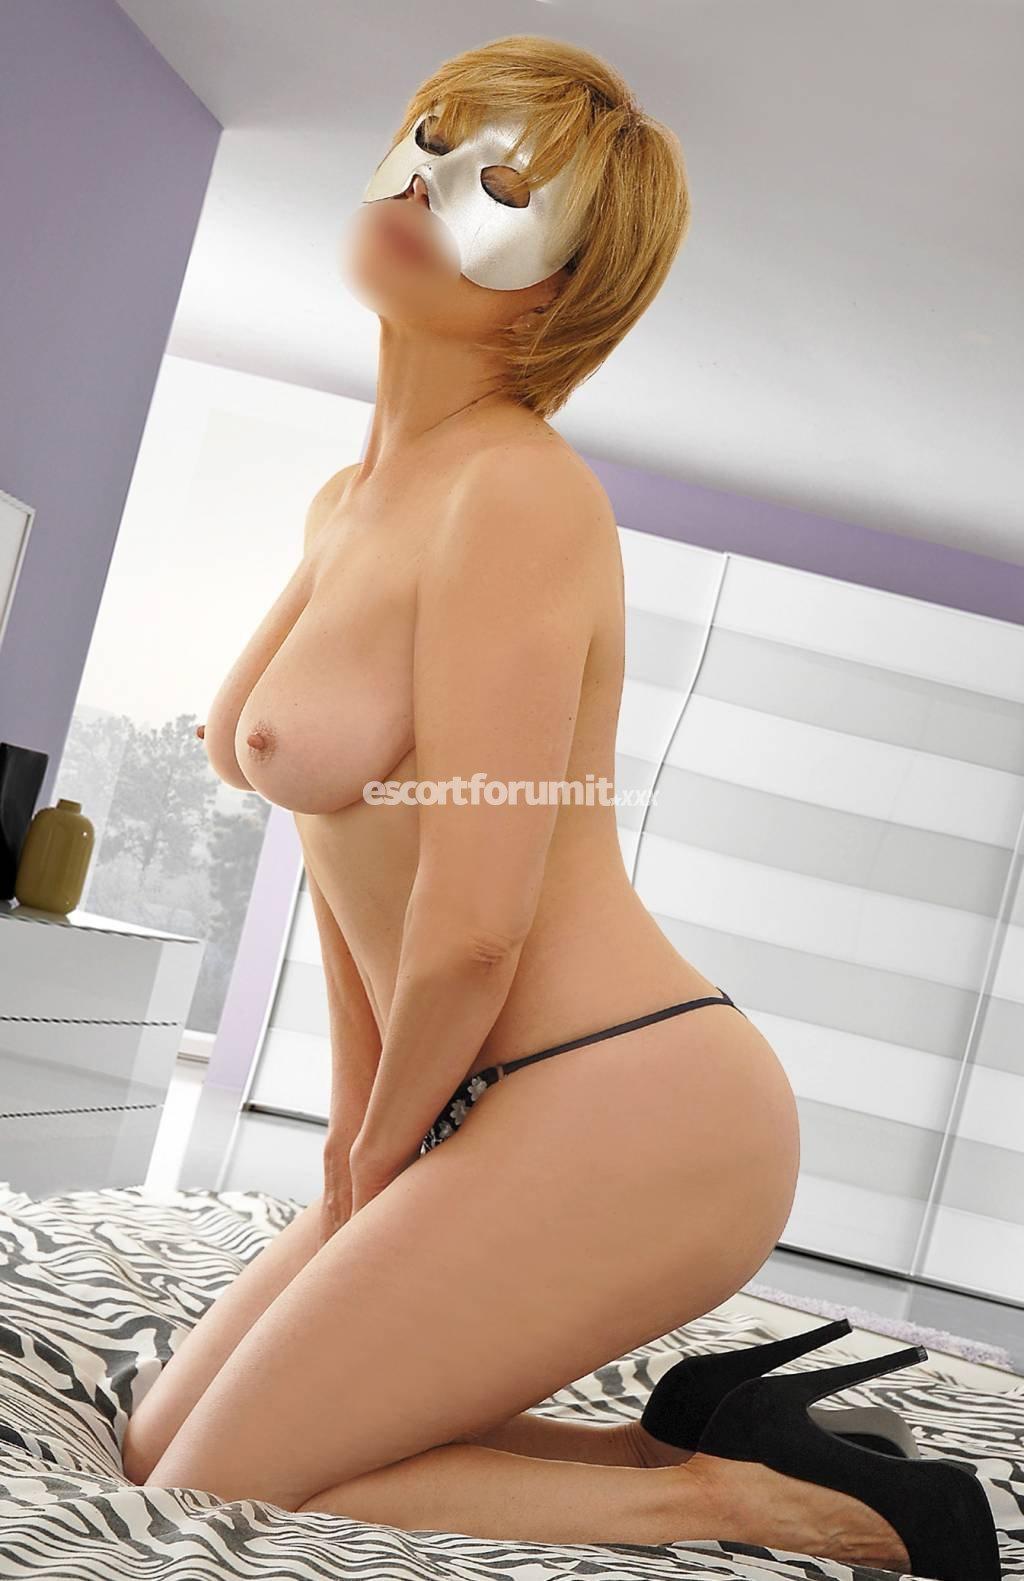 fantasie sessuali degli uomini video porno di massaggi